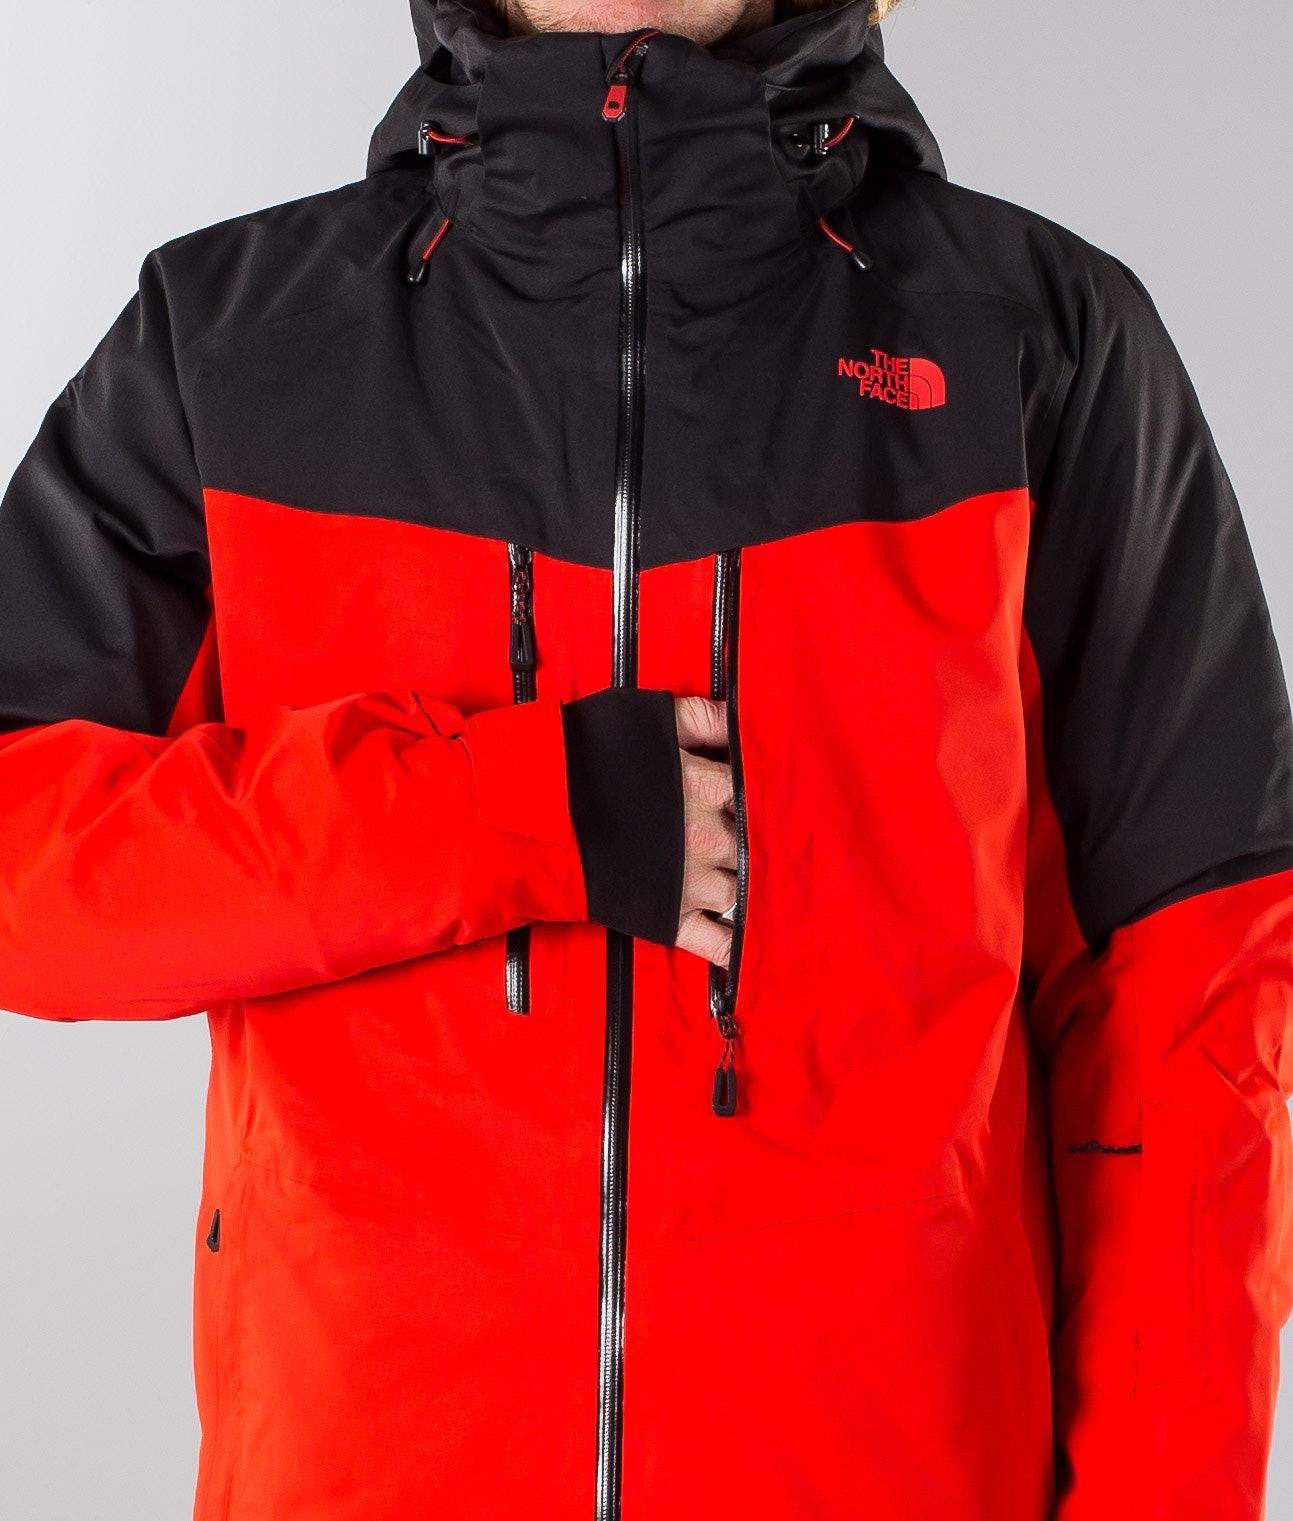 c1c58ae327 The North Face   Chakal de chez Veste de Snowboard Red/Black ...